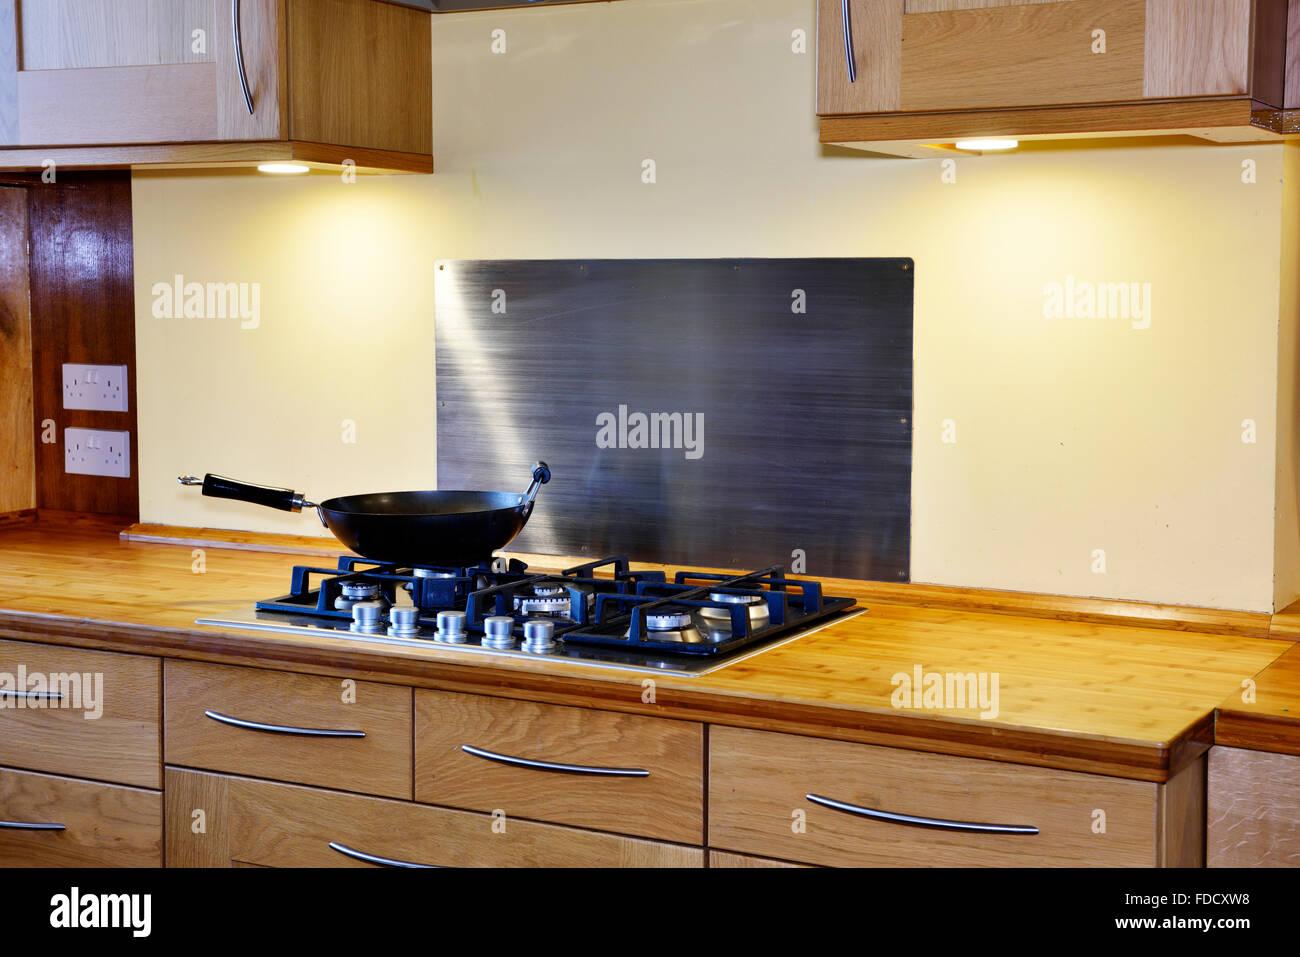 Moderne Kuche Mit Gas Kochfeld Einheit Und Bambus Arbeitsplatte In